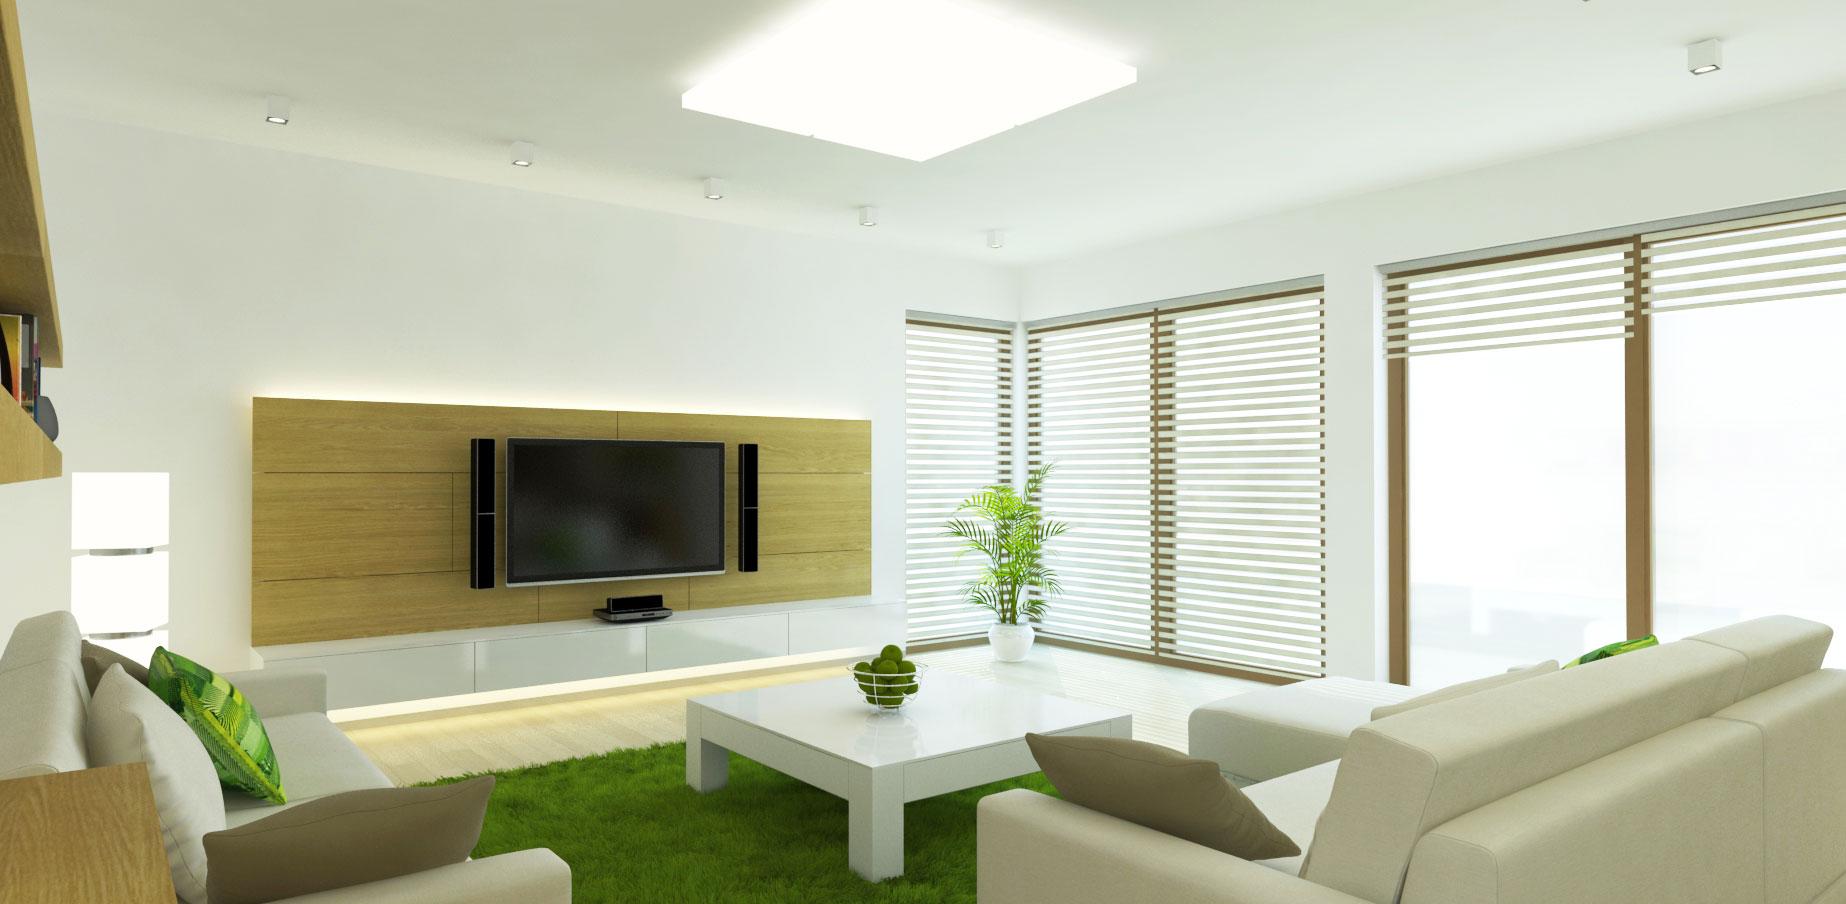 návrh interiéru rodinného domu - obývačka